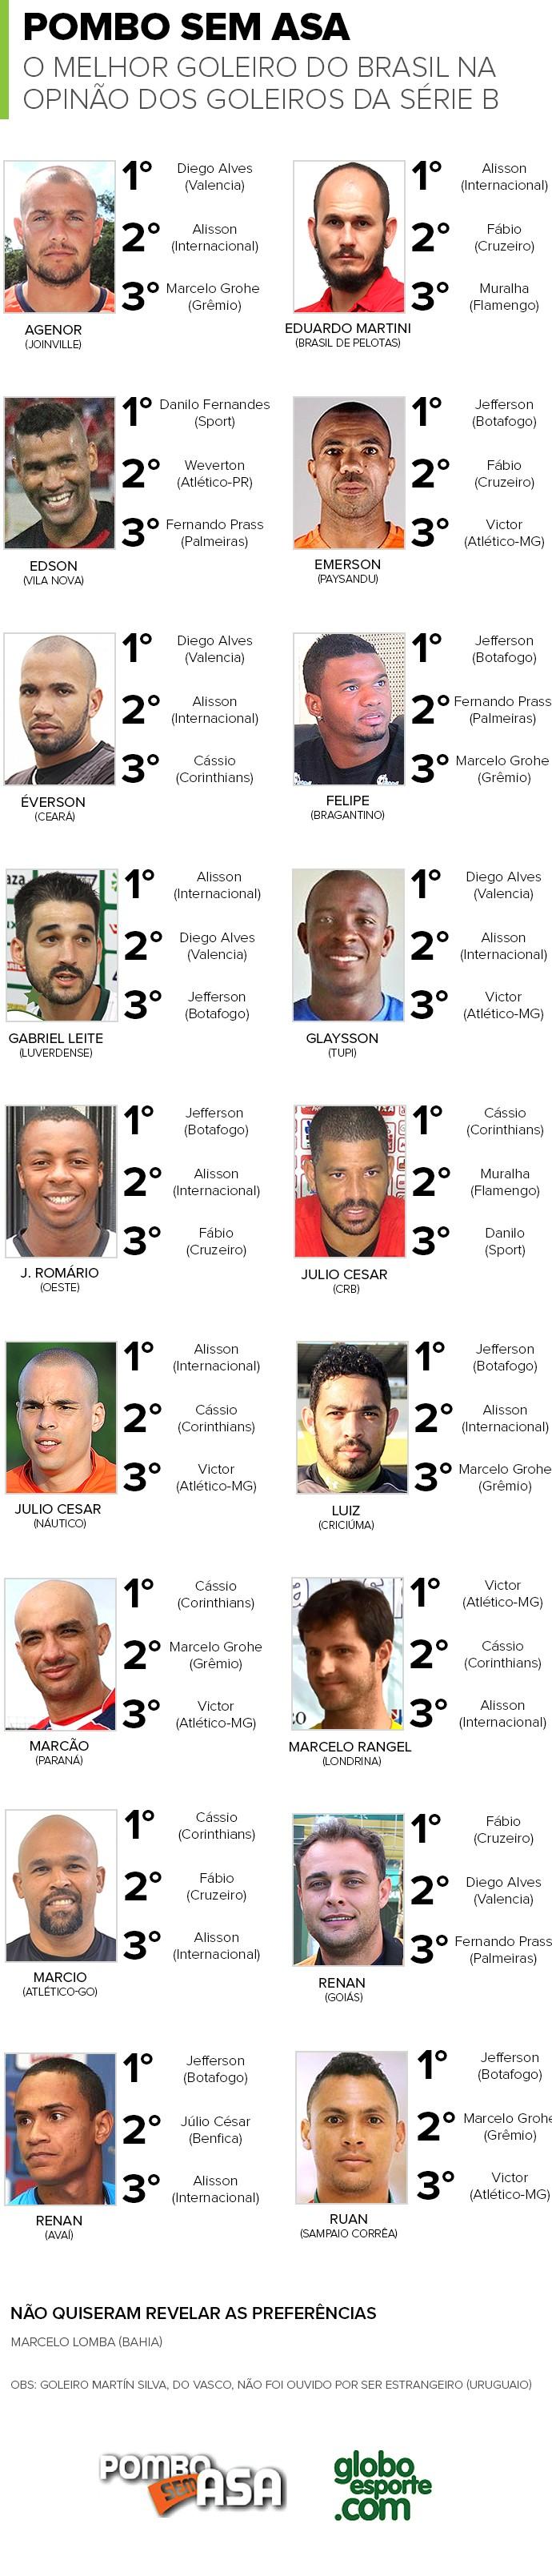 Melhor goleiro do Brasil na opinião dos próprios goleiros - Pombo sem asa 3